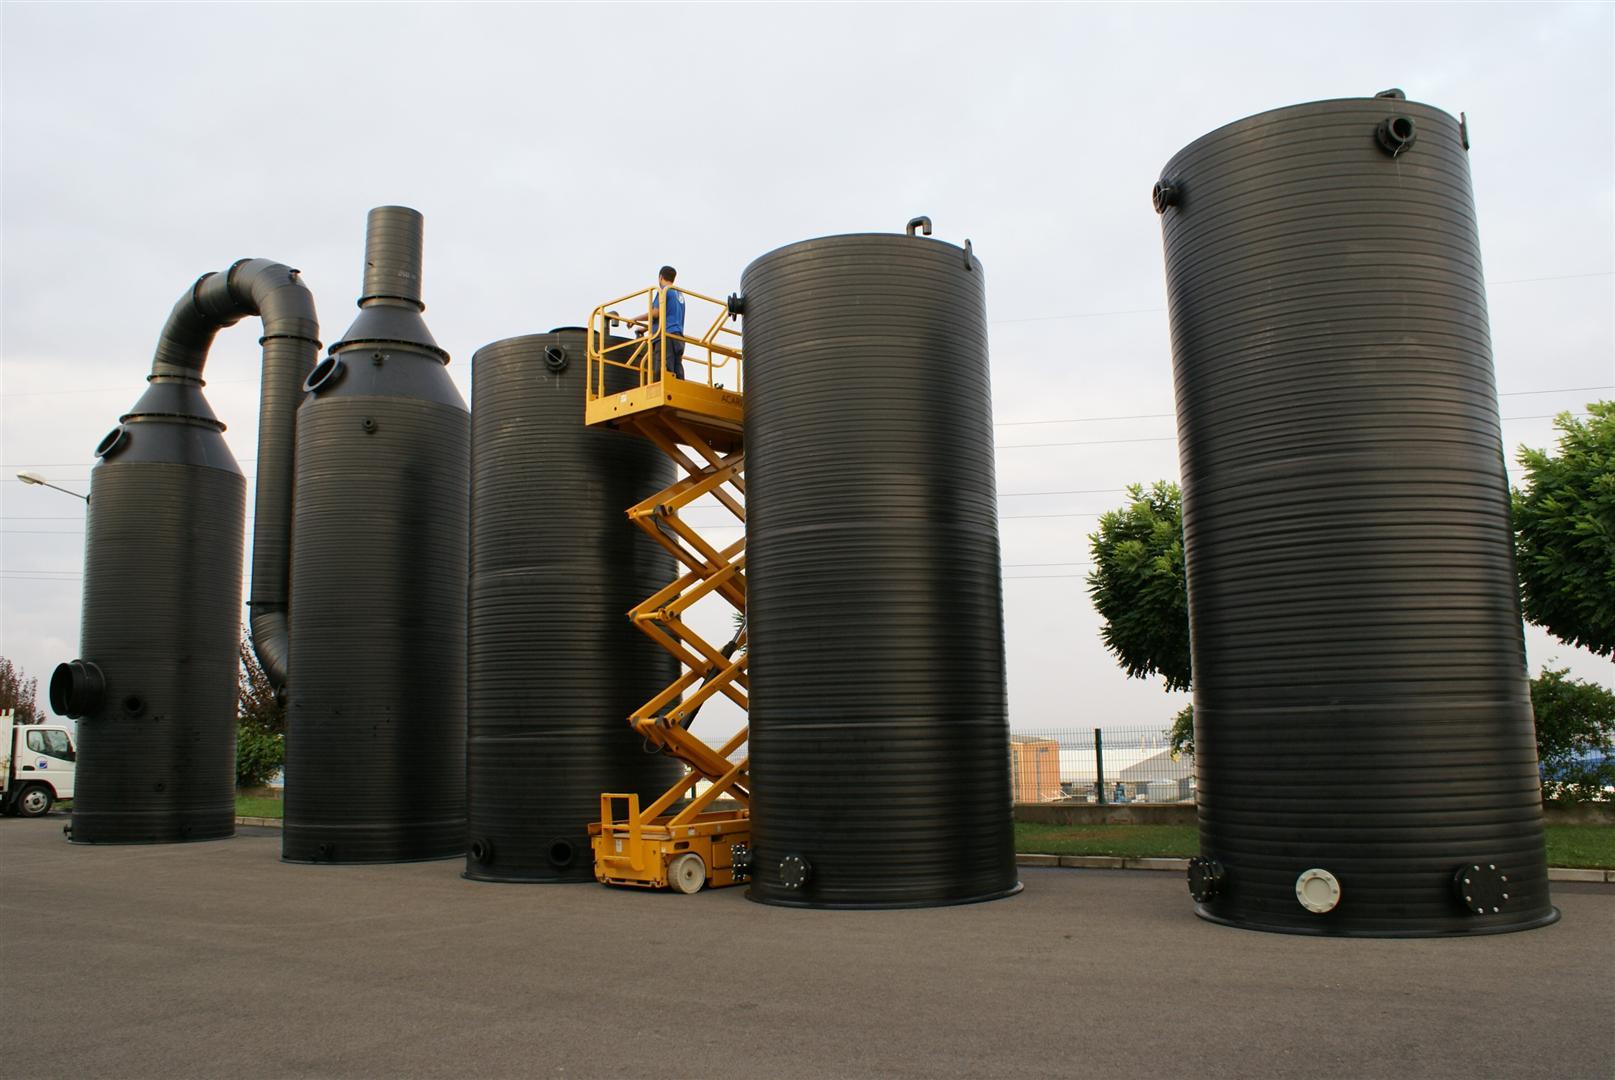 化工储管、塔器、脱硫装置